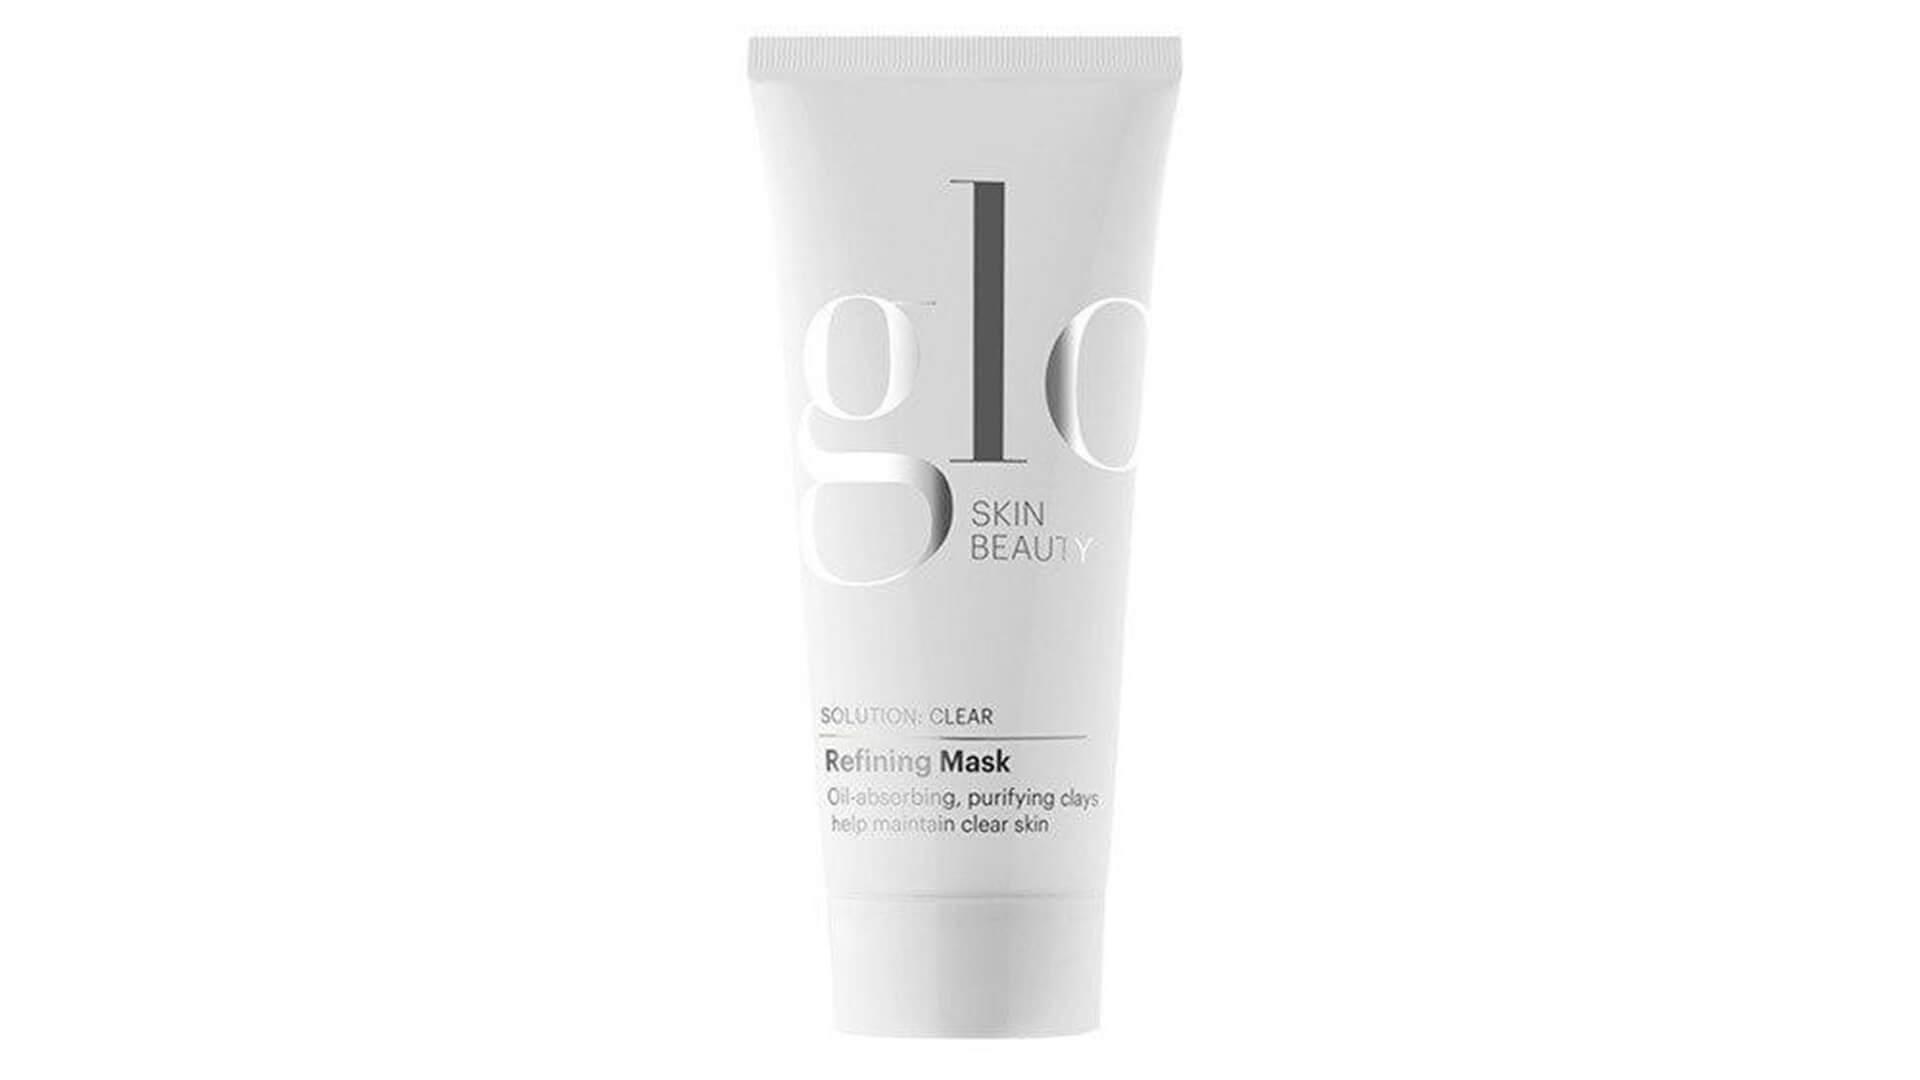 glo skin